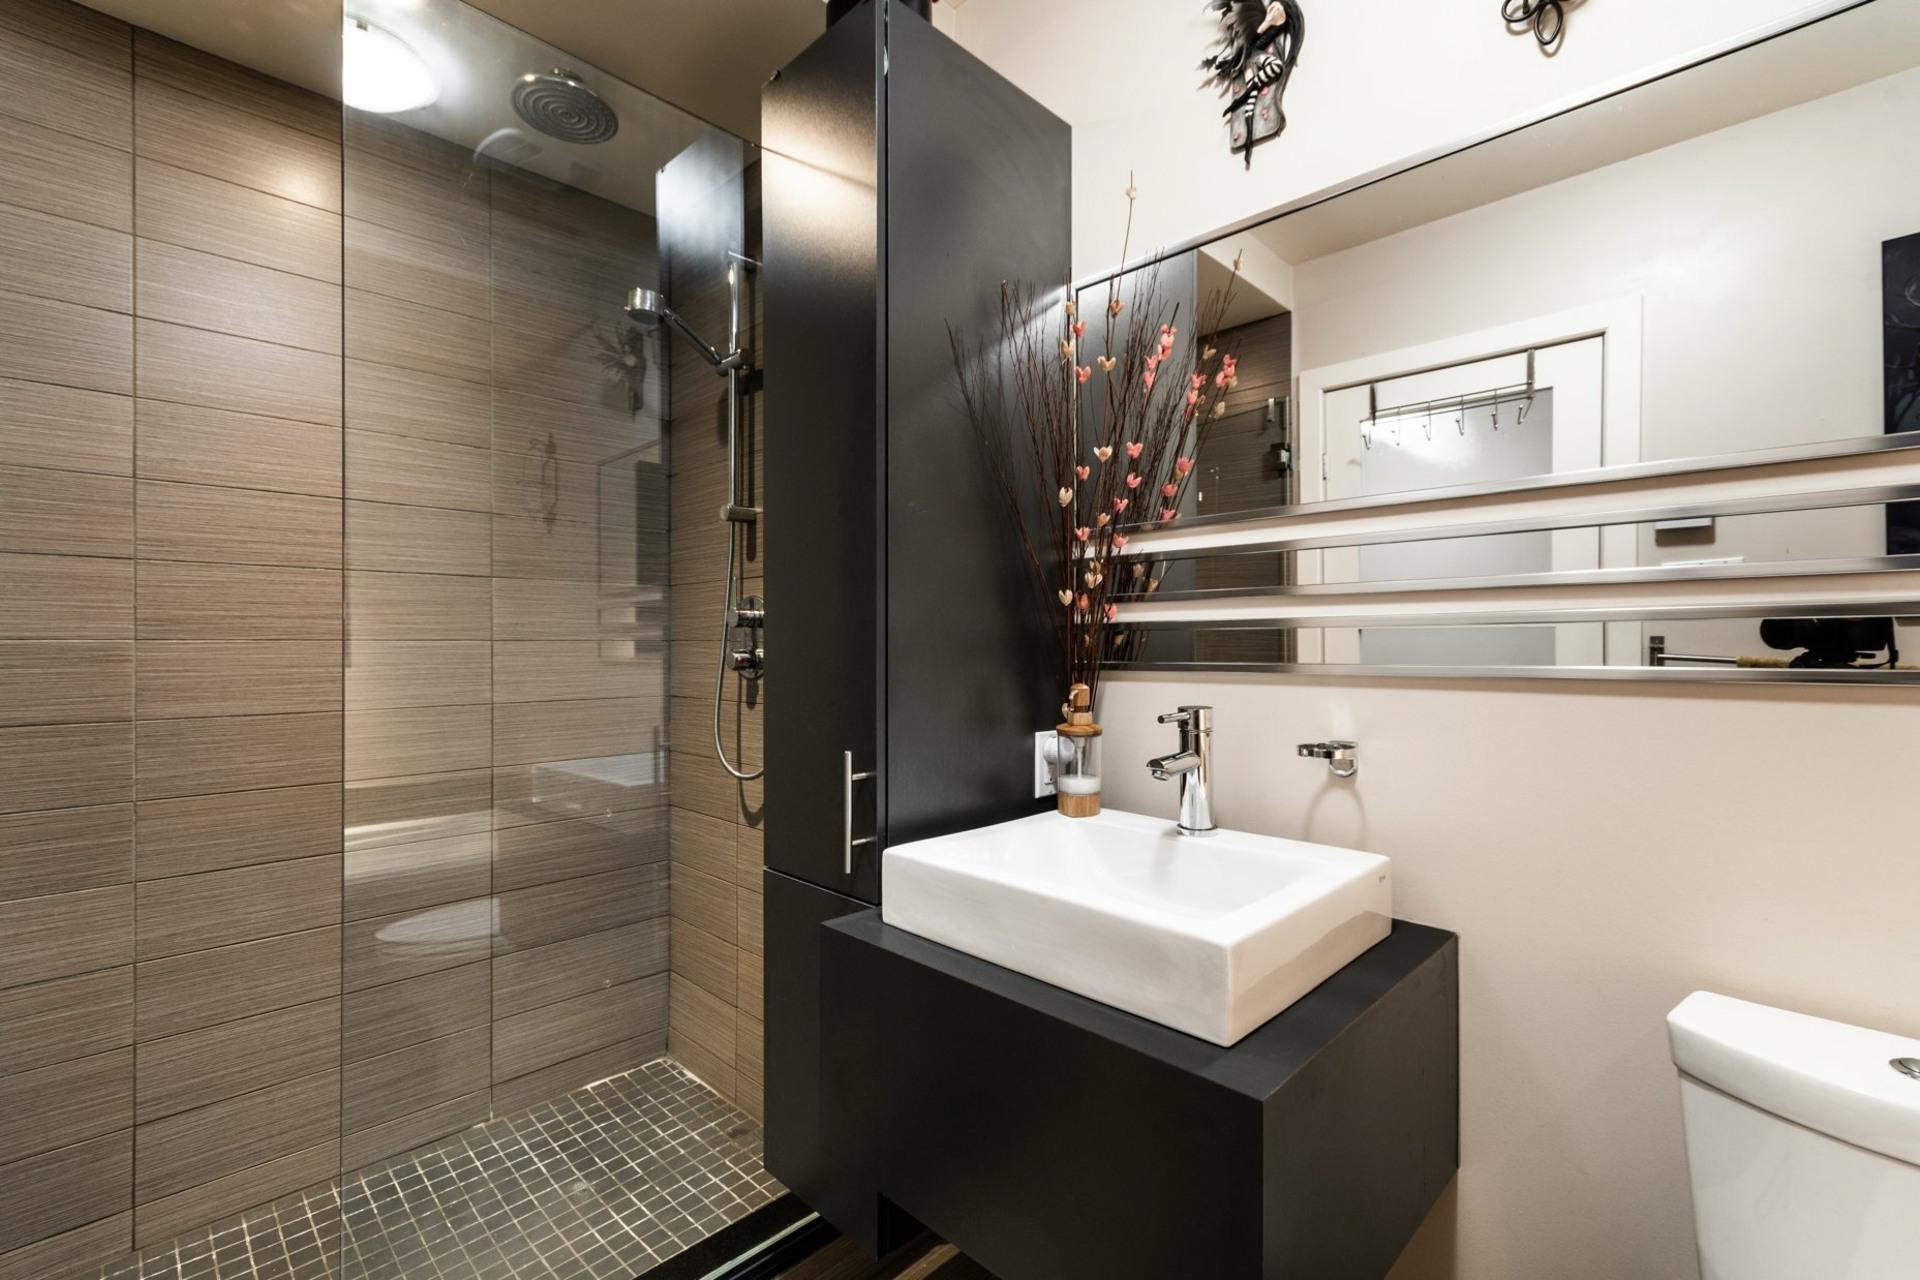 image 8 - Appartement À vendre Mercier/Hochelaga-Maisonneuve Montréal  - 5 pièces